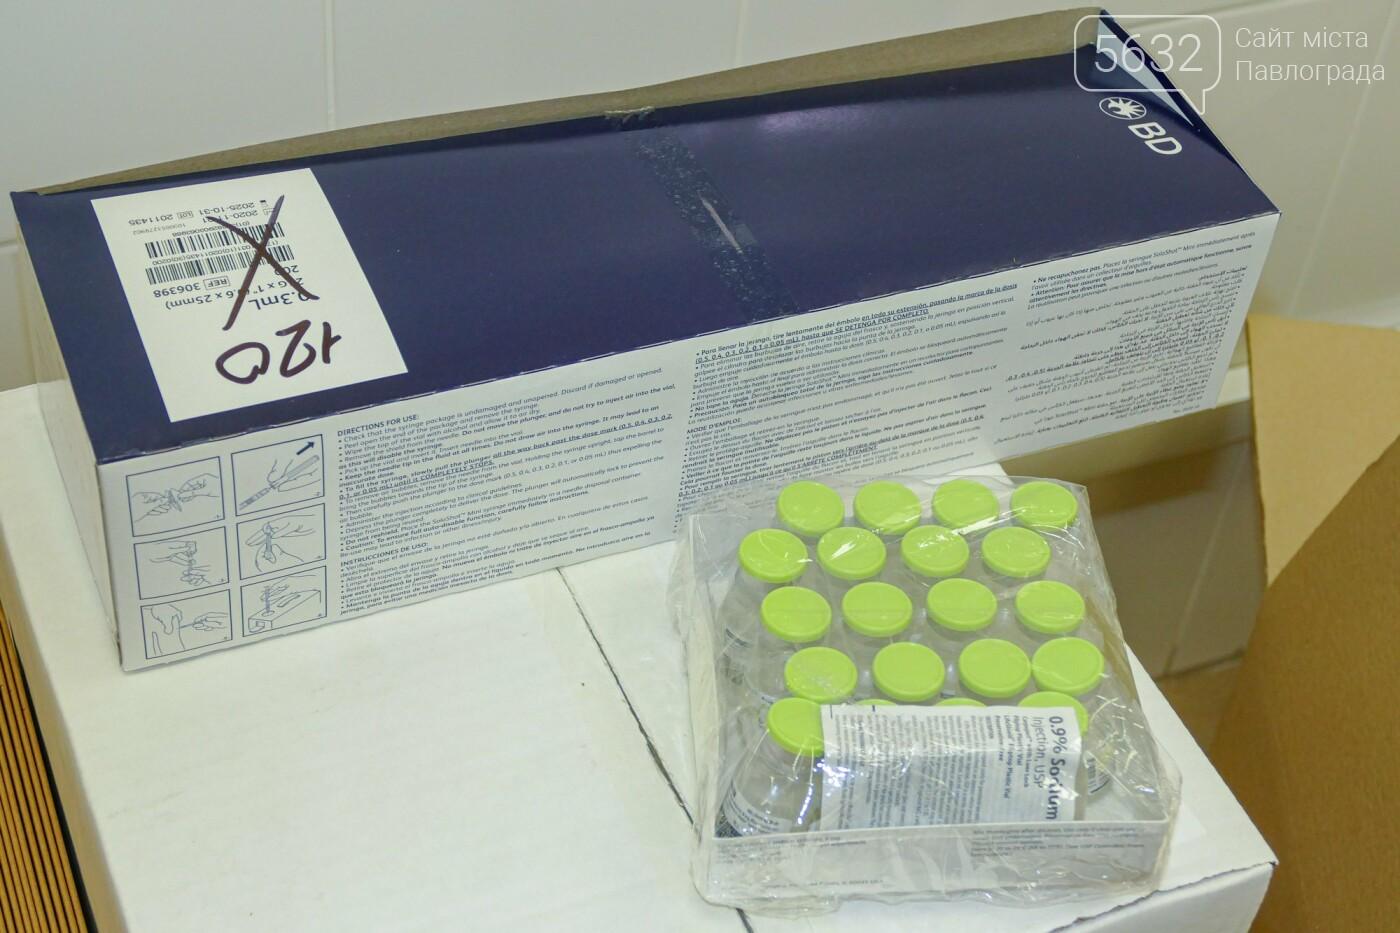 Днепропетровщина получила первые дозы вакцины от коронавируса производства Pfizer/BioNTech, фото-9